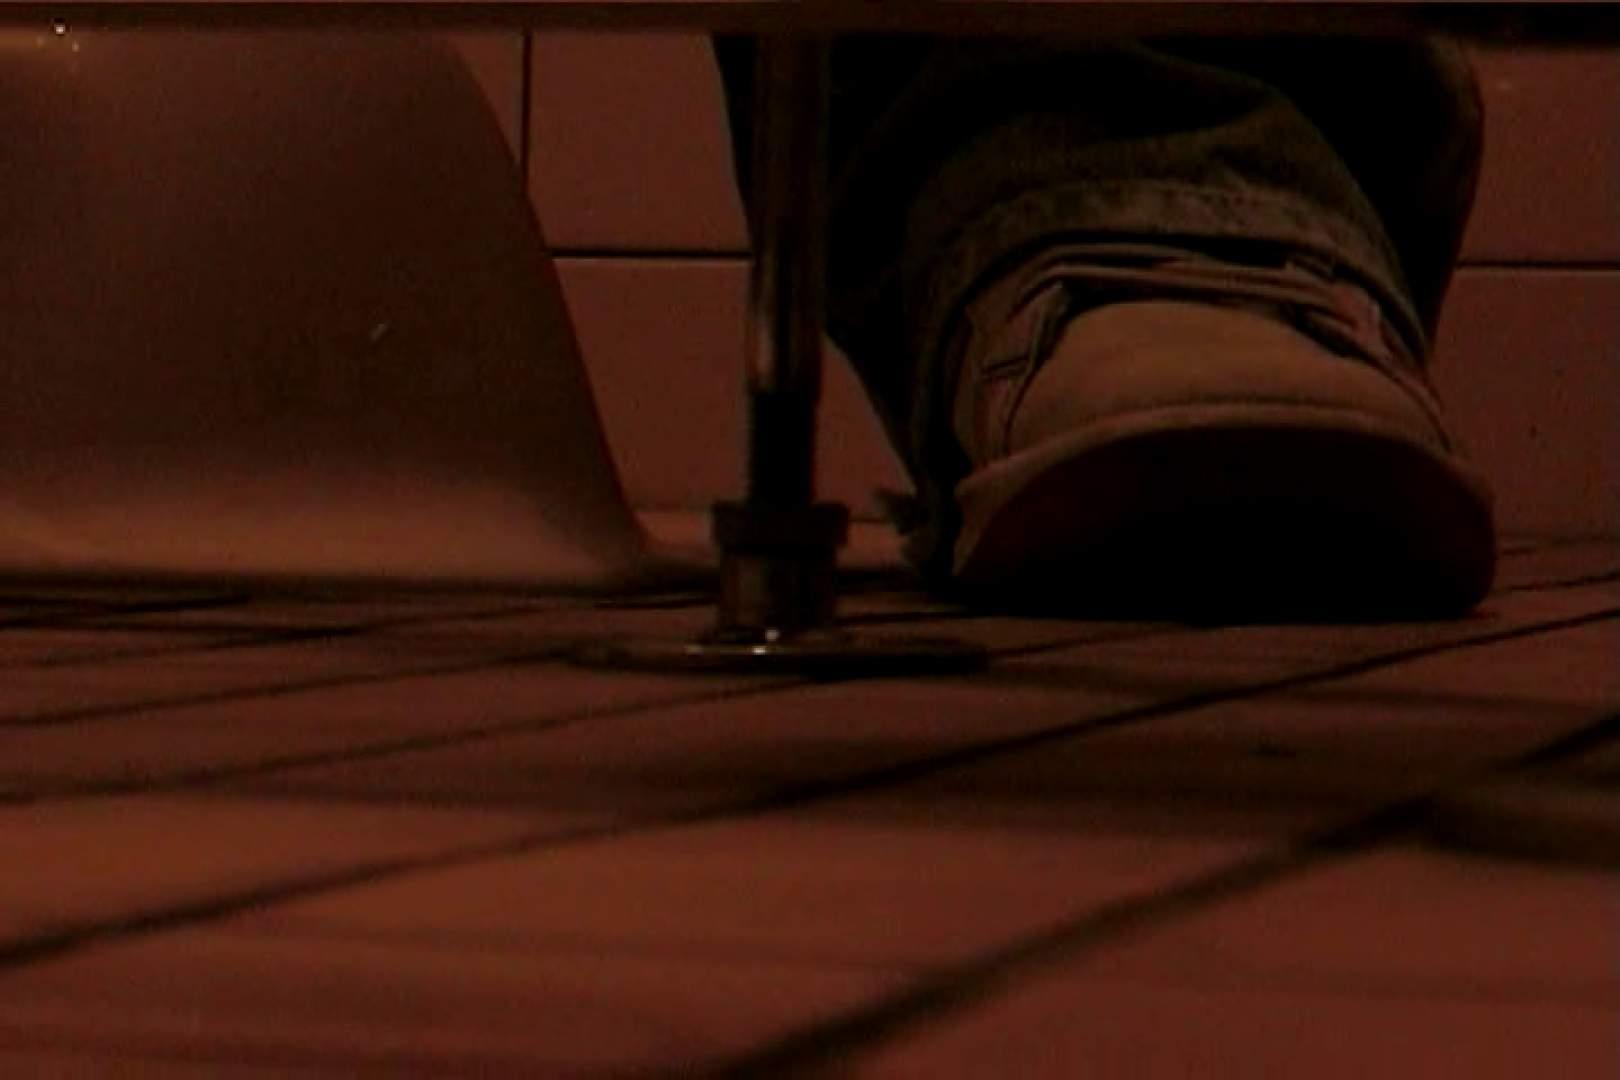 マンコ丸見え女子洗面所Vol.43 丸見え おまんこ無修正動画無料 77pic 75